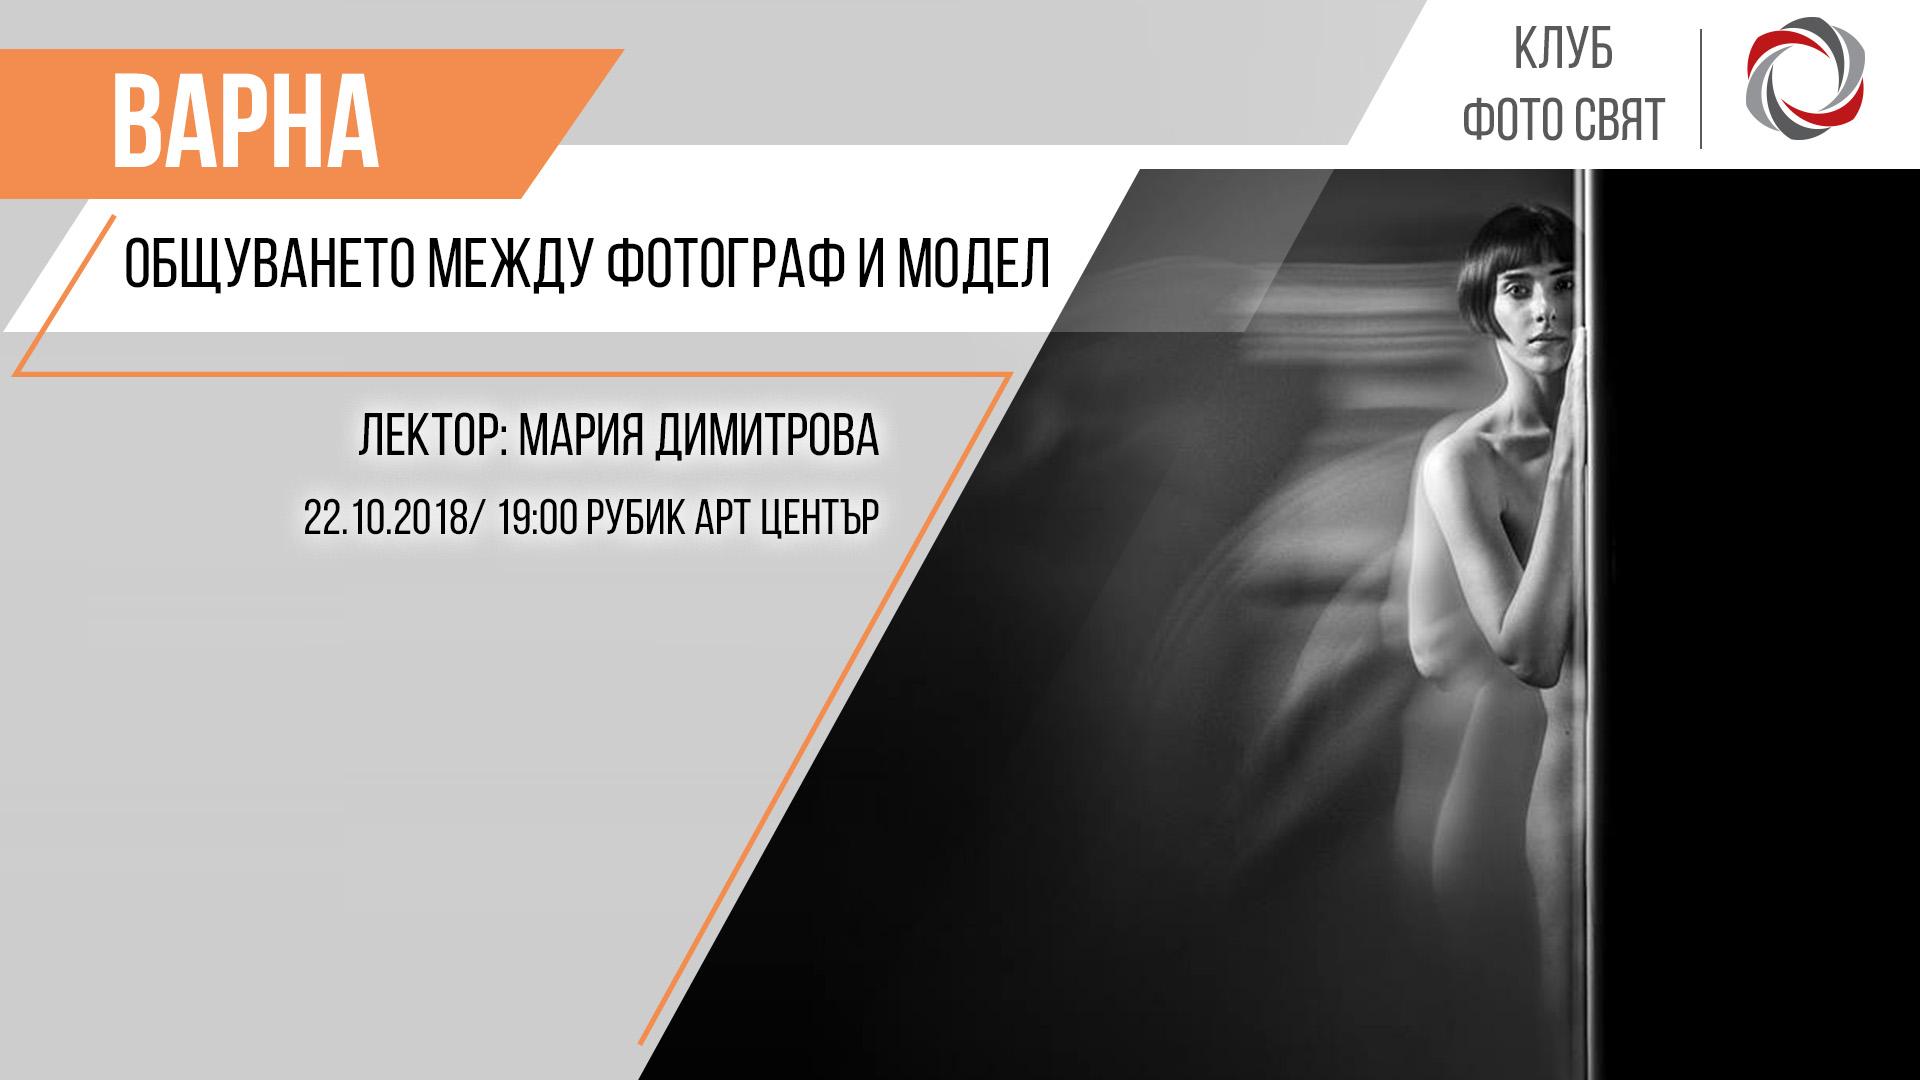 Общуването между фотограф и модел с Мария Димитрова